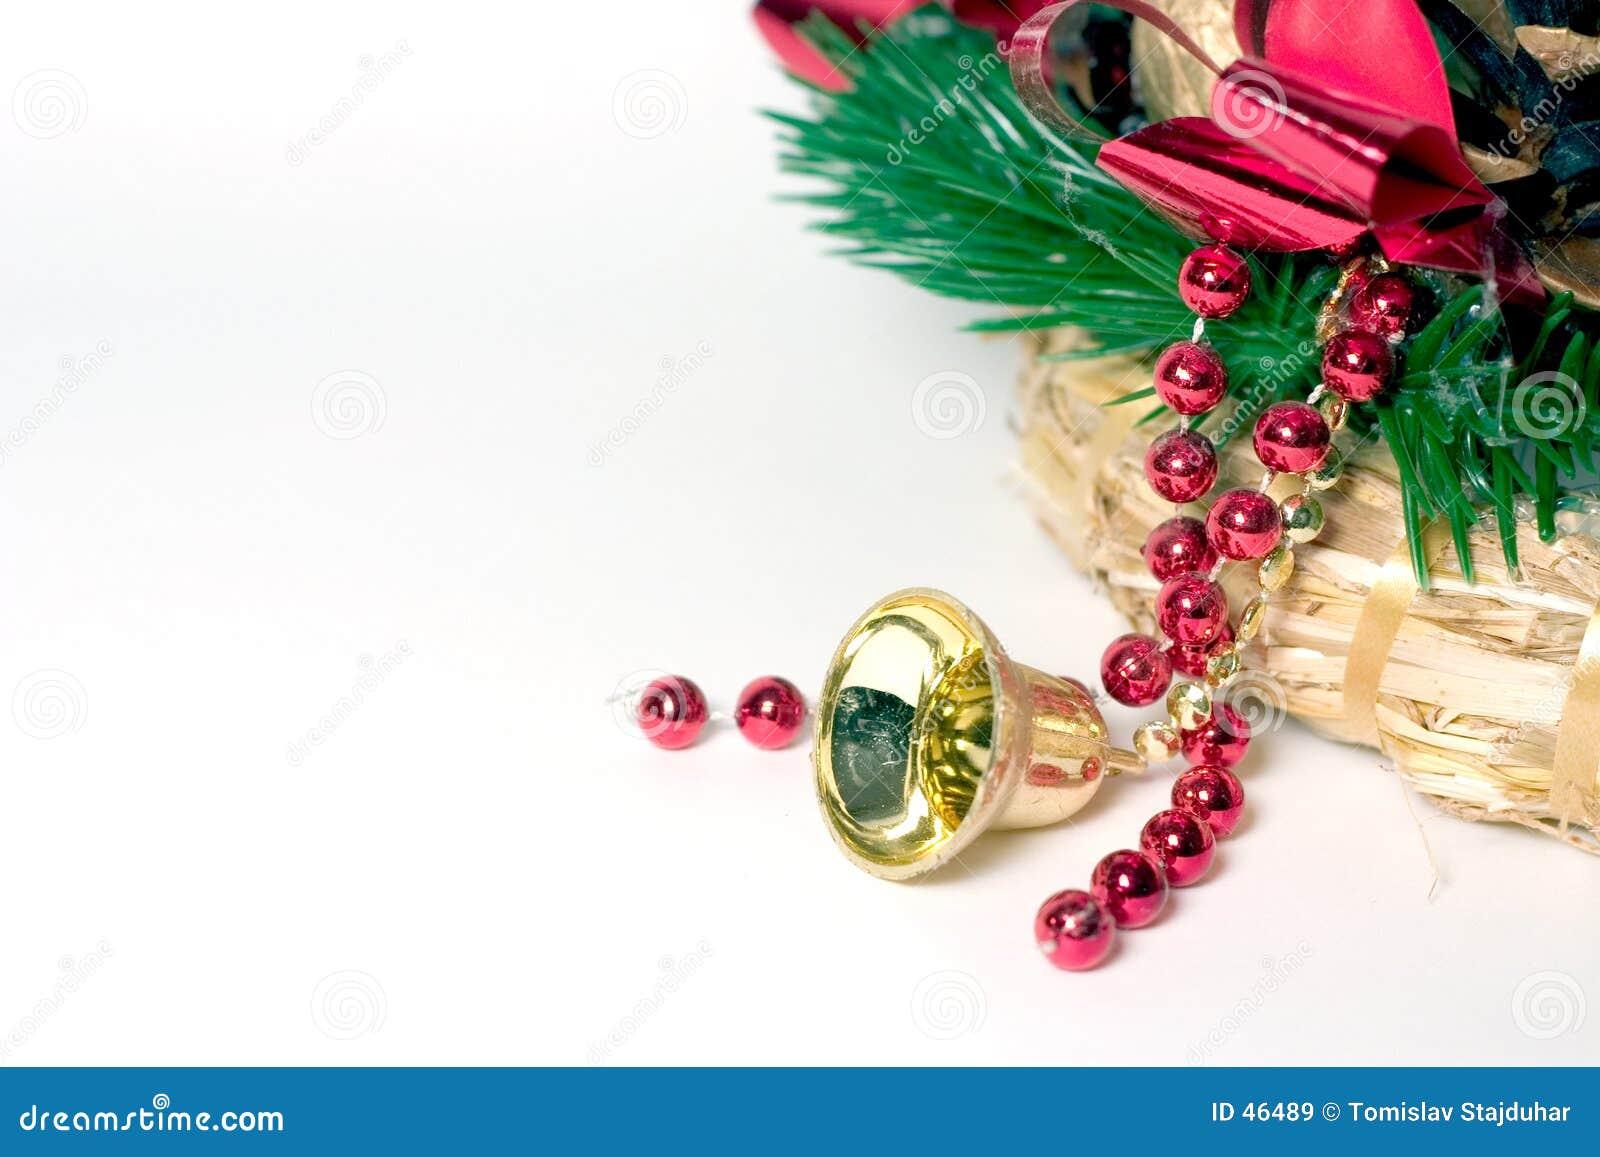 Dekoracji świątecznej